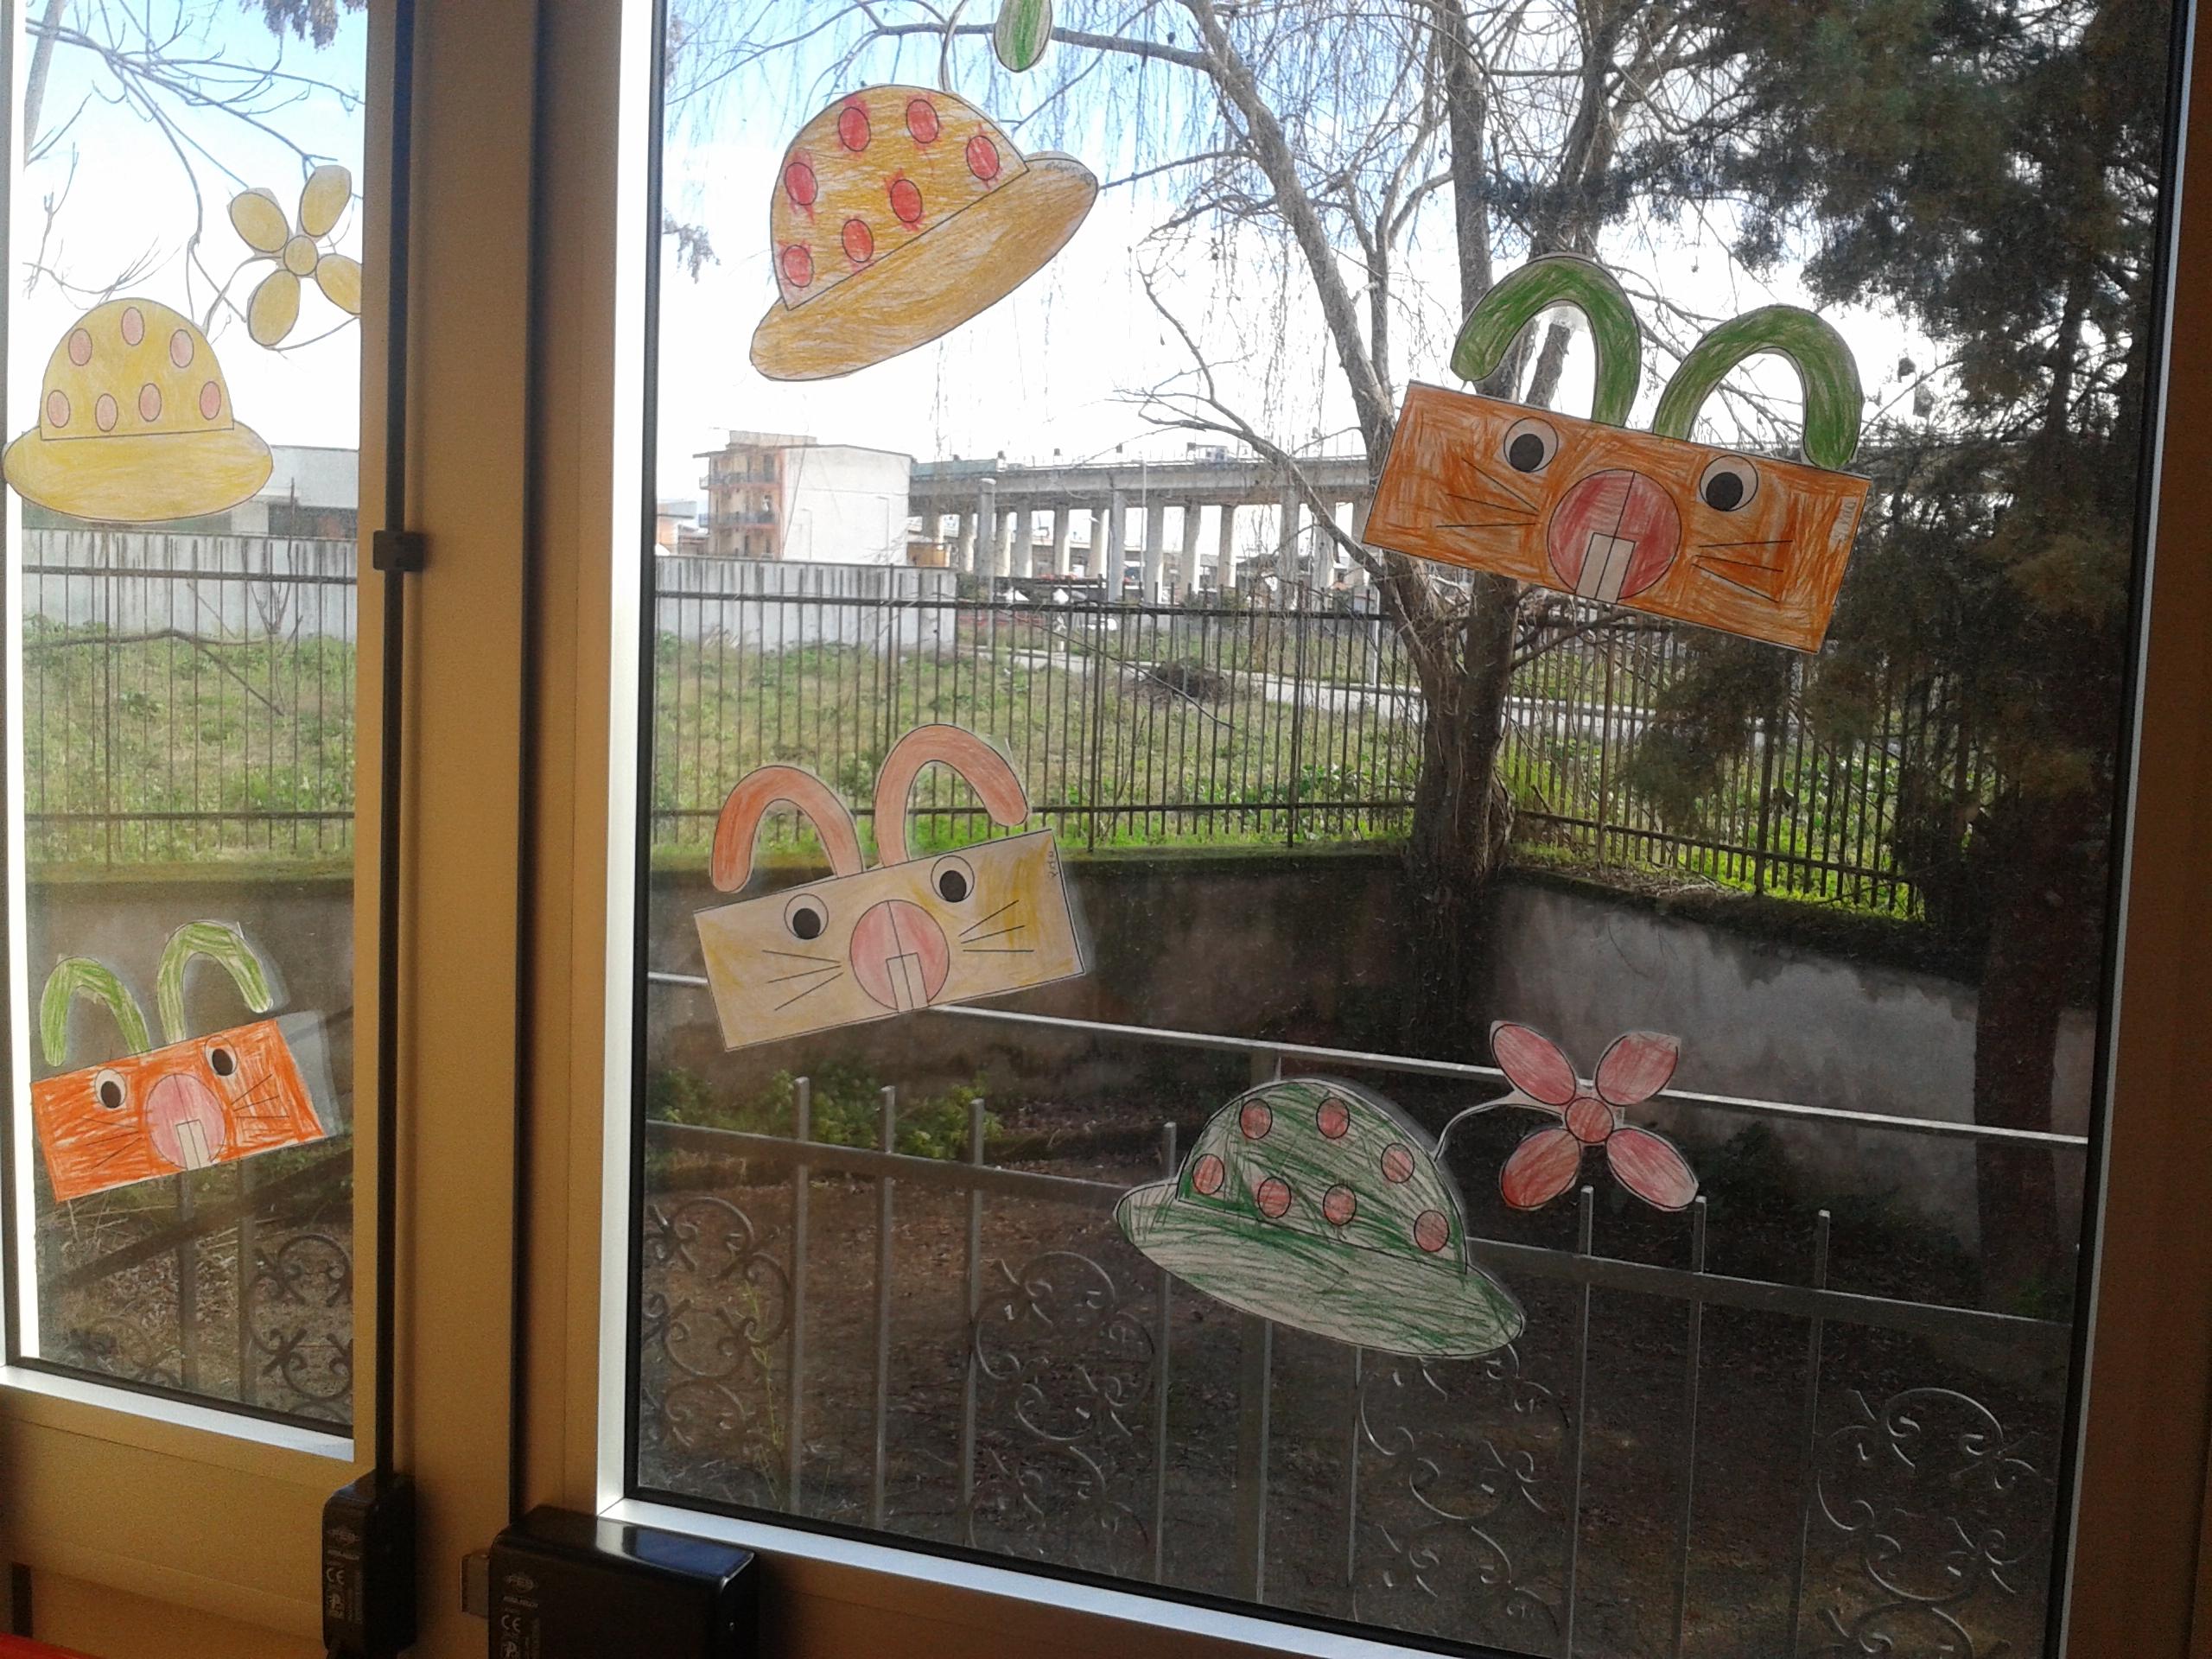 Addobbi carnevale maestramaria - Addobbi finestre ...